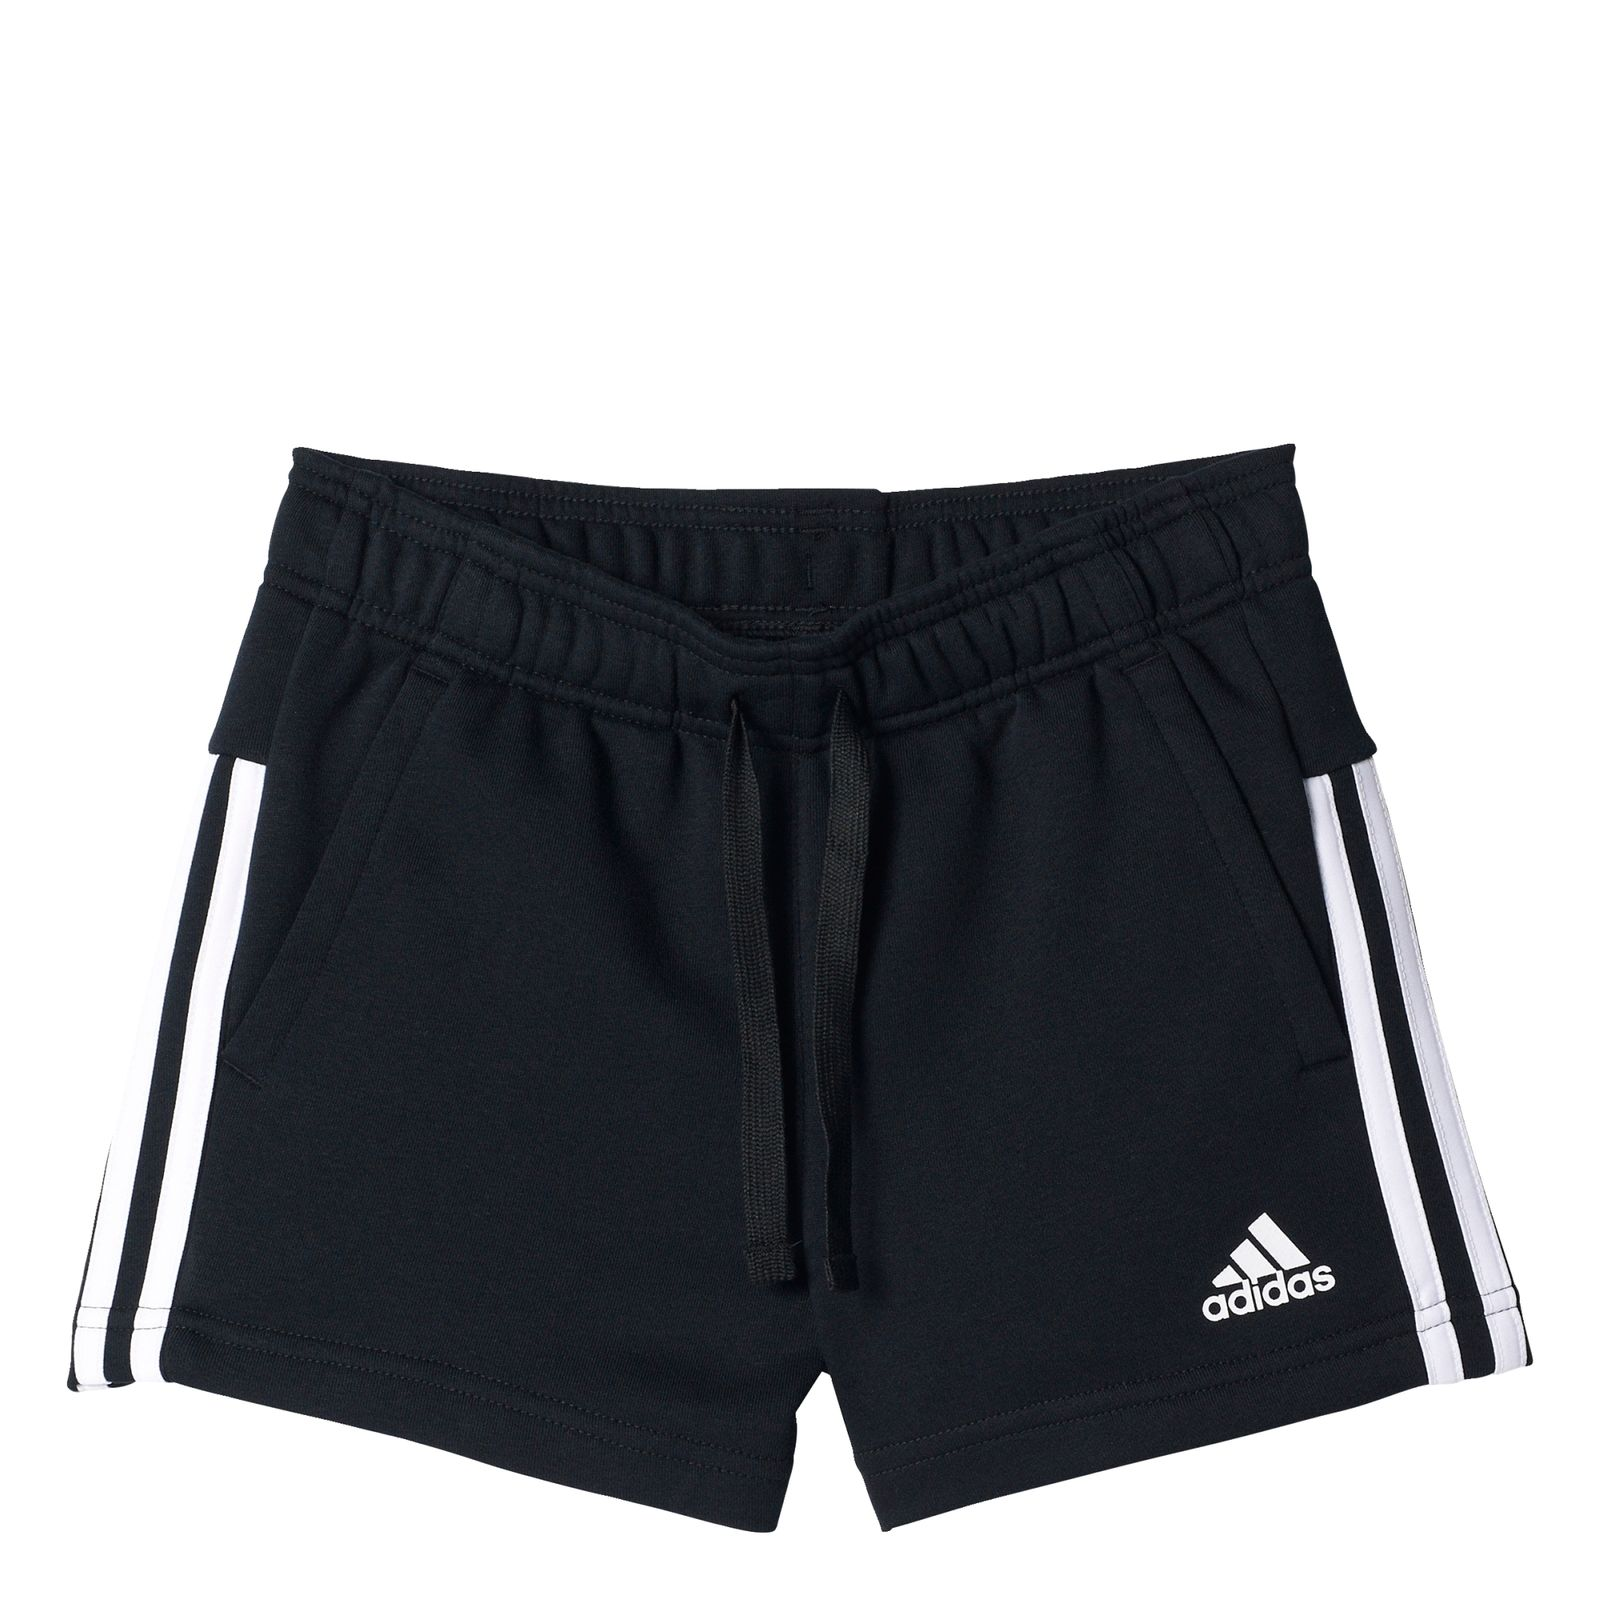 4cfa5a43291f filles de performance ADIDAS Pantalons de Essentials 3 stripes serrés de sport  noir   blanc